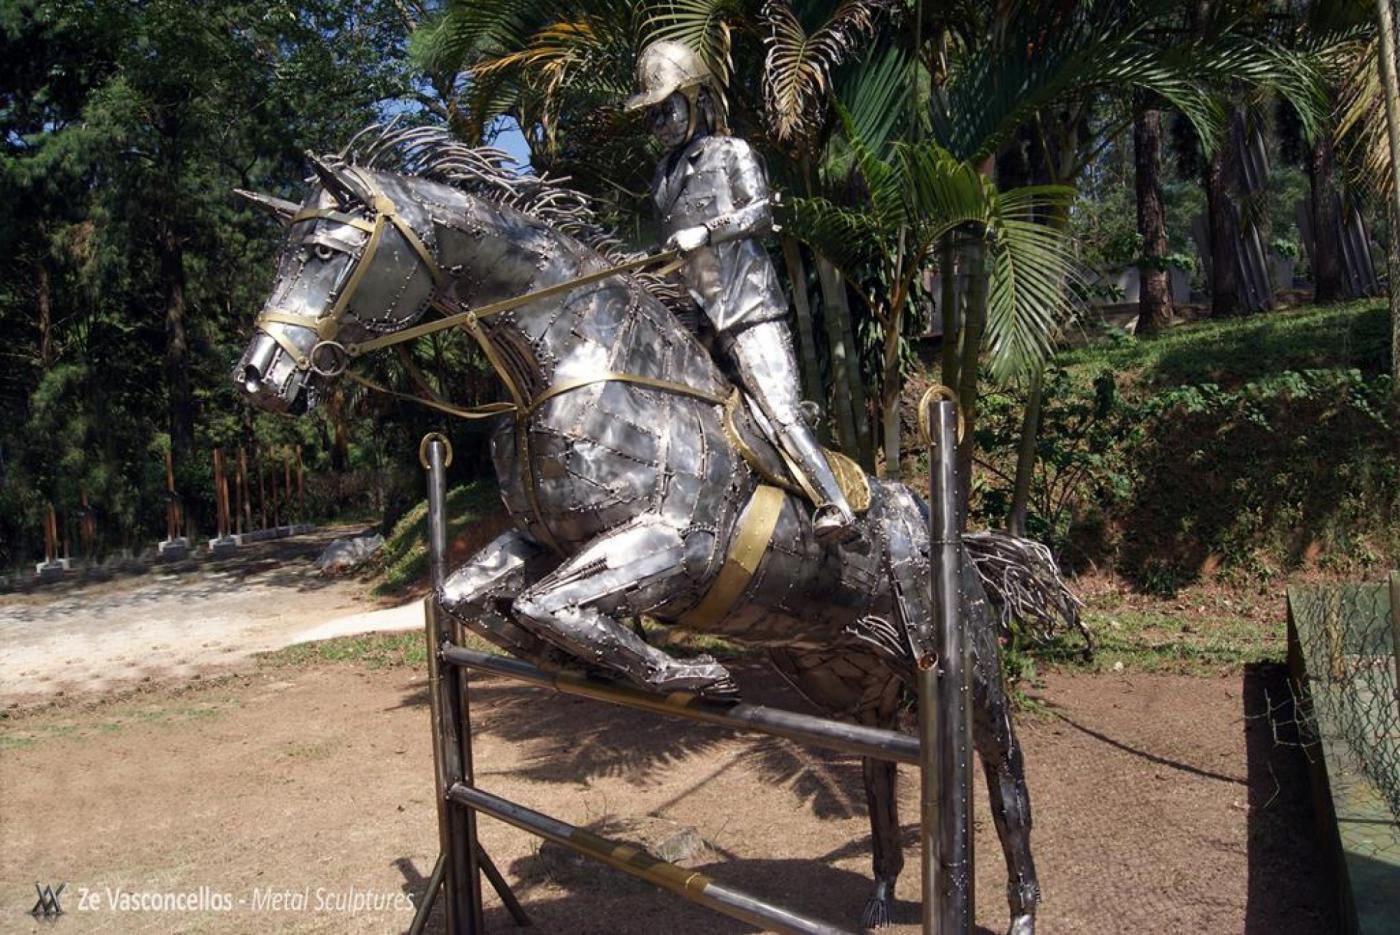 Hipismo-Jumping Horse - Stailess Steel SculpturesZe Vasconcellos Metal Sculptures - Metal Sculptures - Campinas - São Paulo - Brasil Esculturas em Metal, Metal Sculptures, Cavalo Metal, Horse Metal, Art Metal, Ze Vasconcellos Metal Sculptures